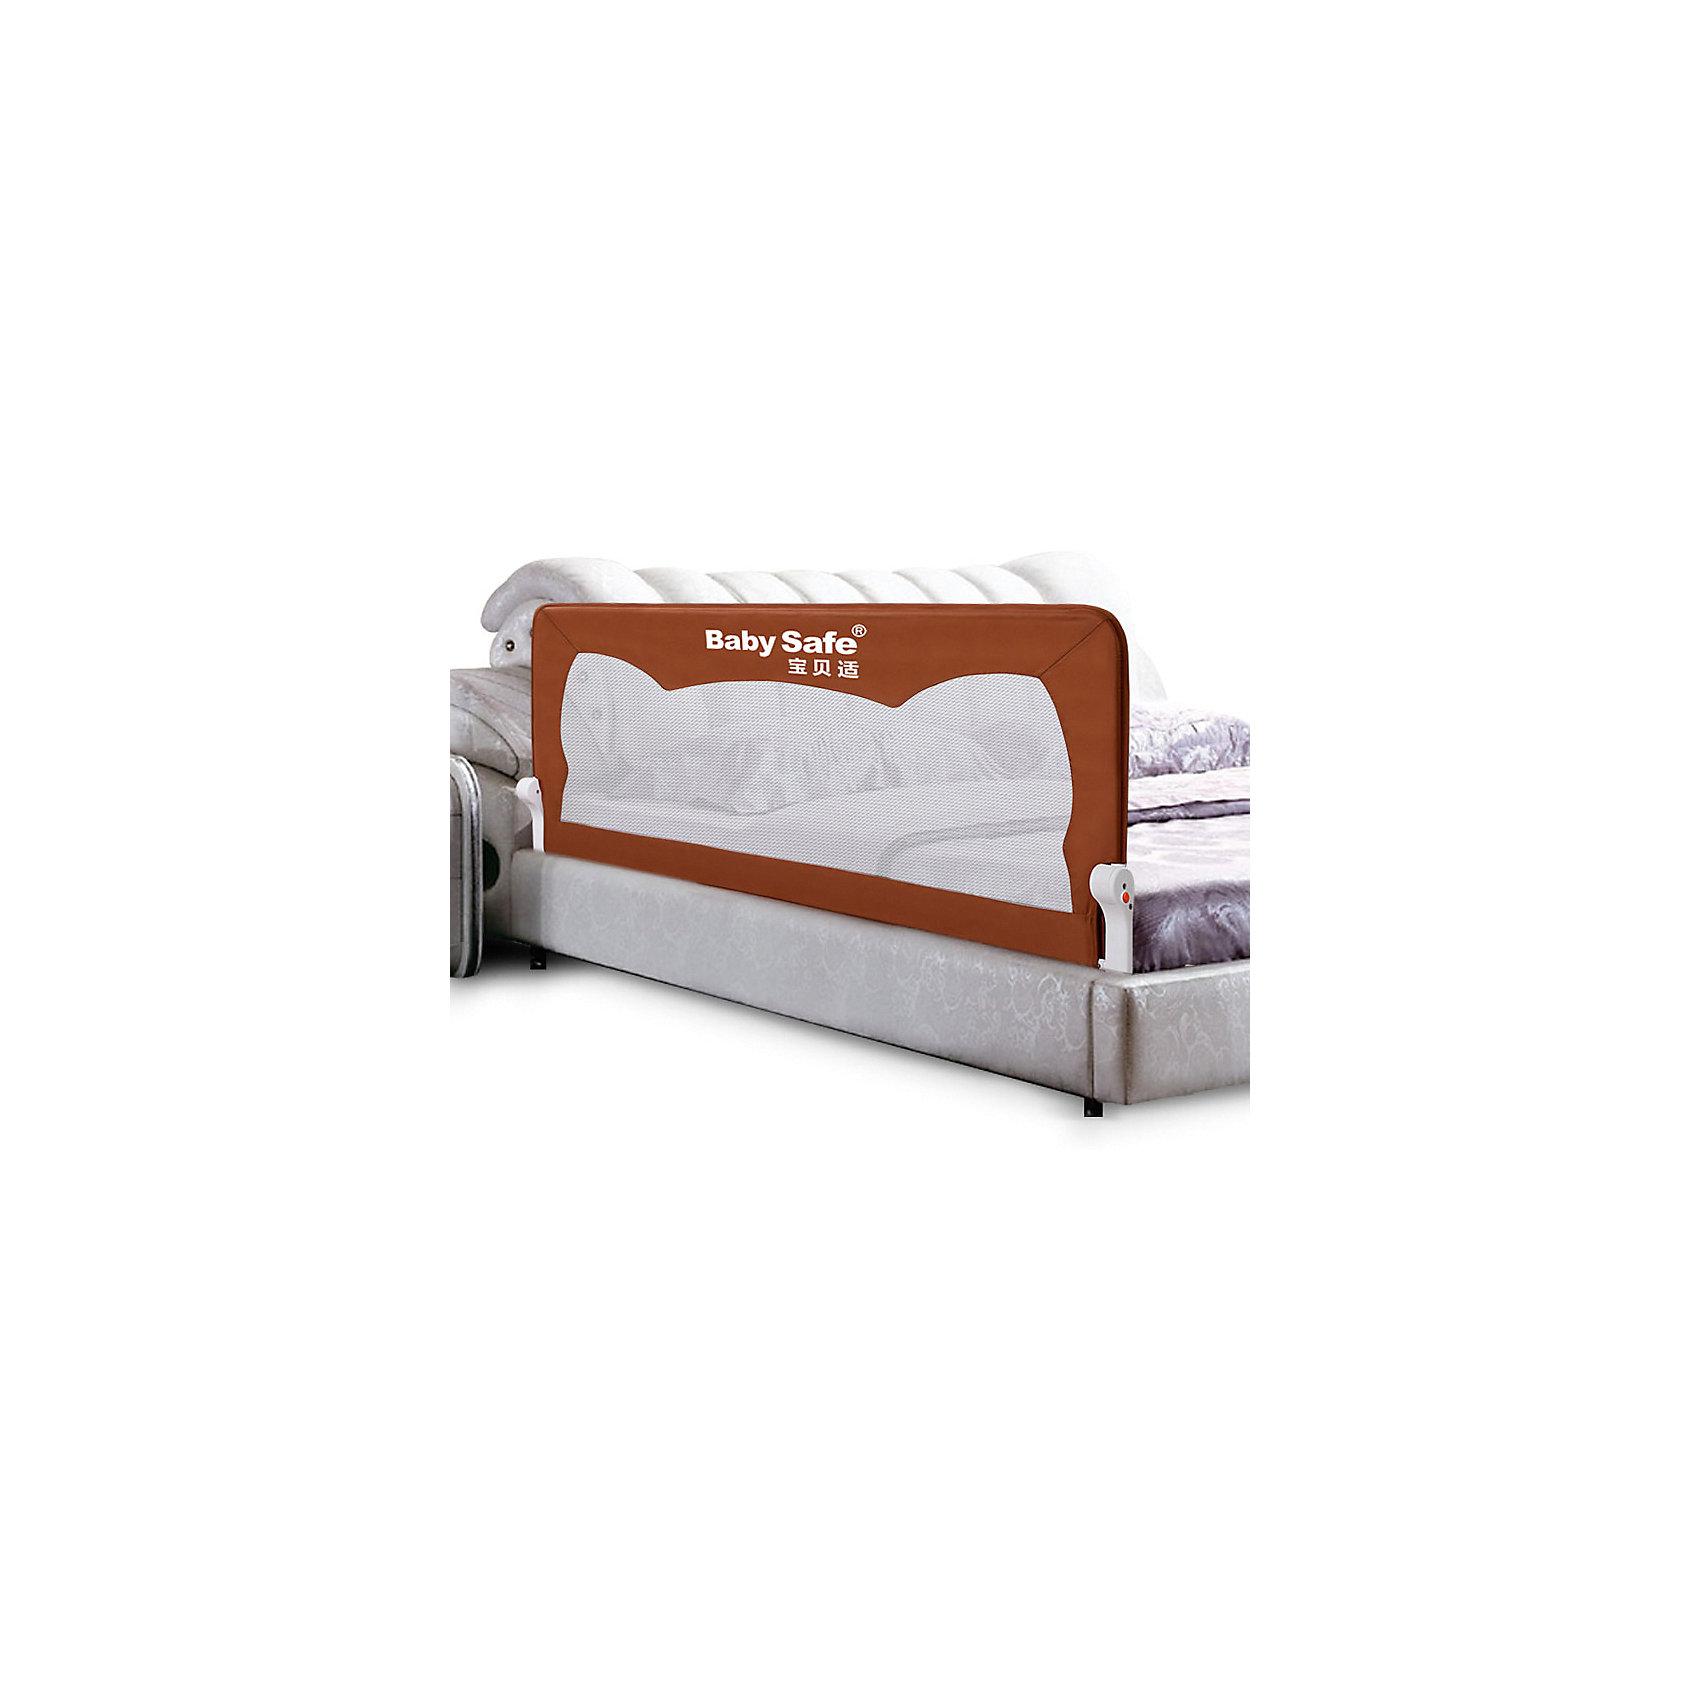 барьер для кровати беби сейф фото цену оборудования для